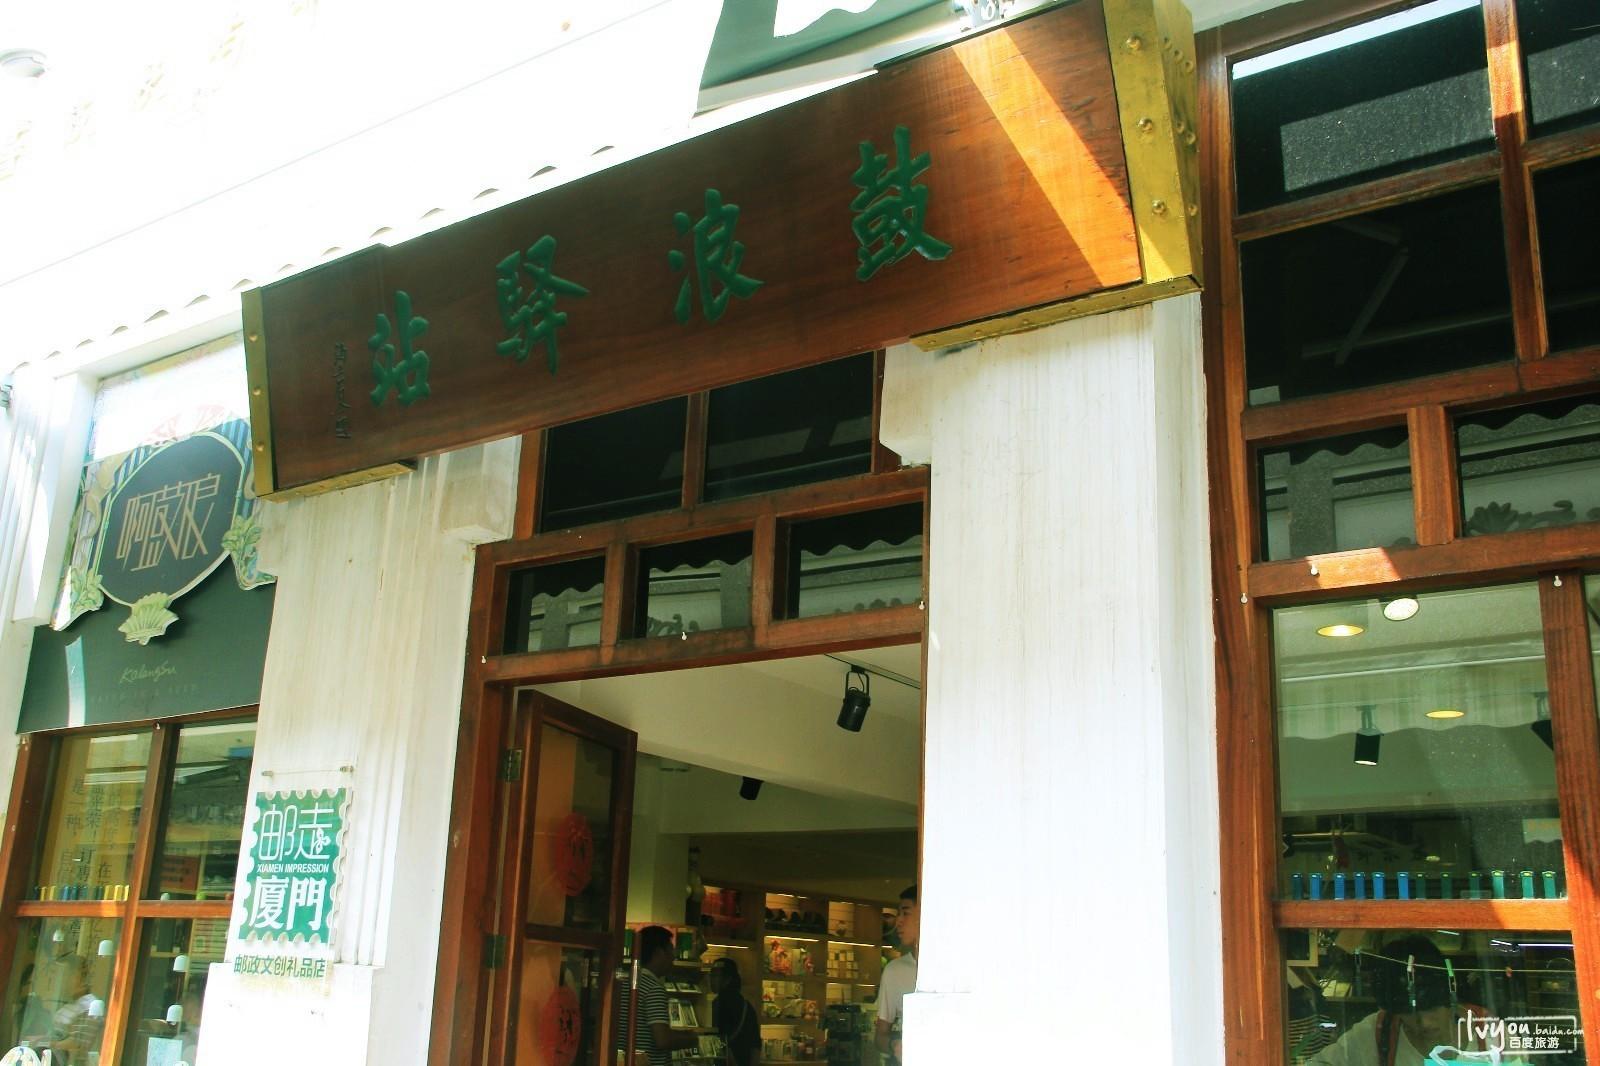 福州 厦门 土楼 鼓浪屿旅游攻略图片123